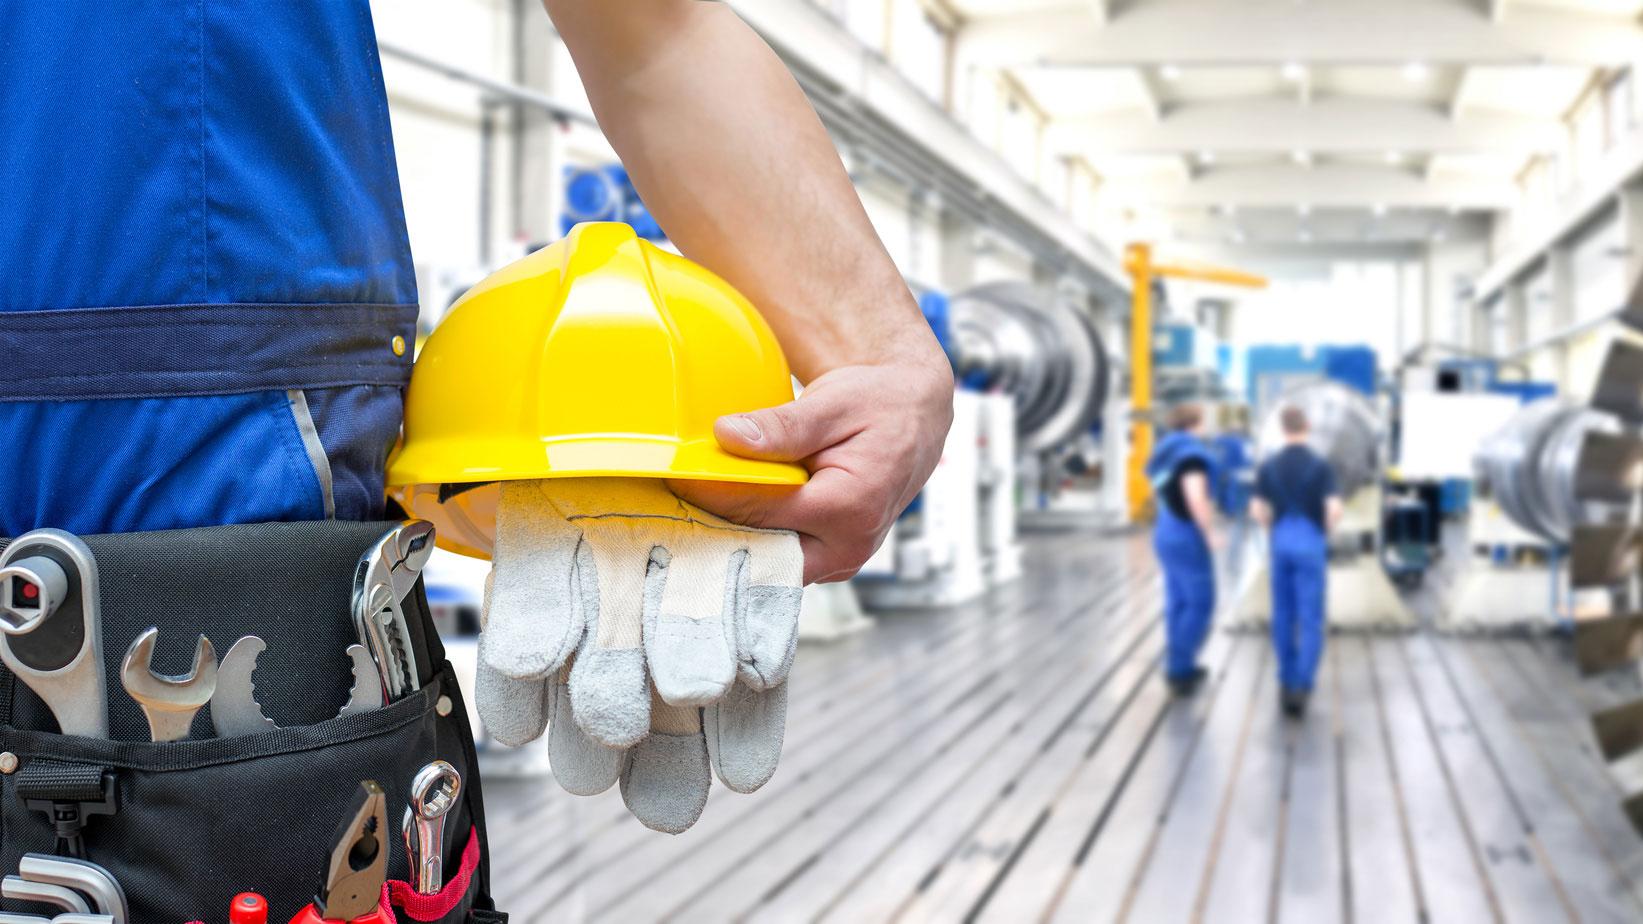 MFA - Maintenance & Facility Management Society of Austria